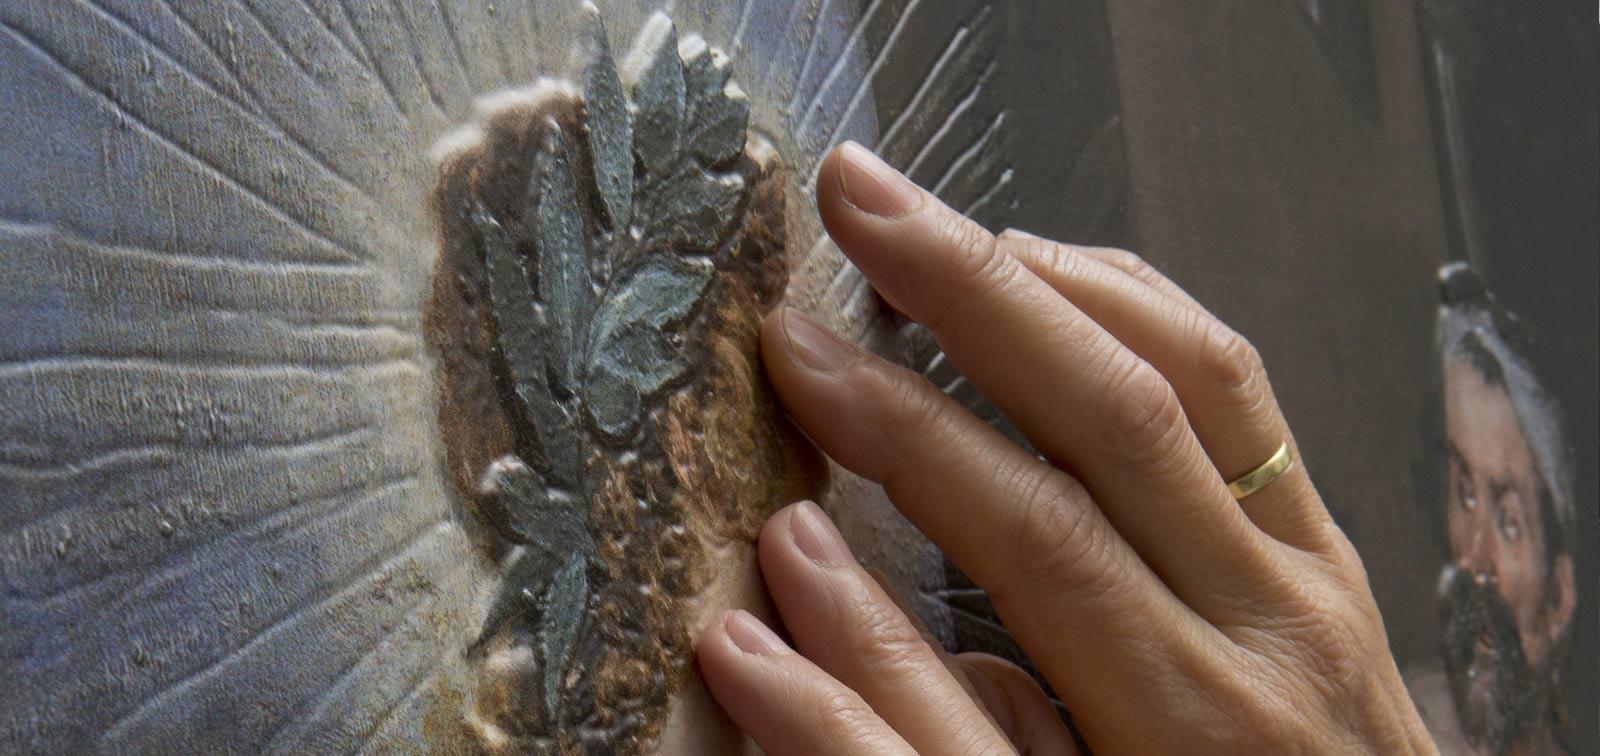 museo bellas artes valencia exposicion hoy toca el prado actividades culturales ciegos